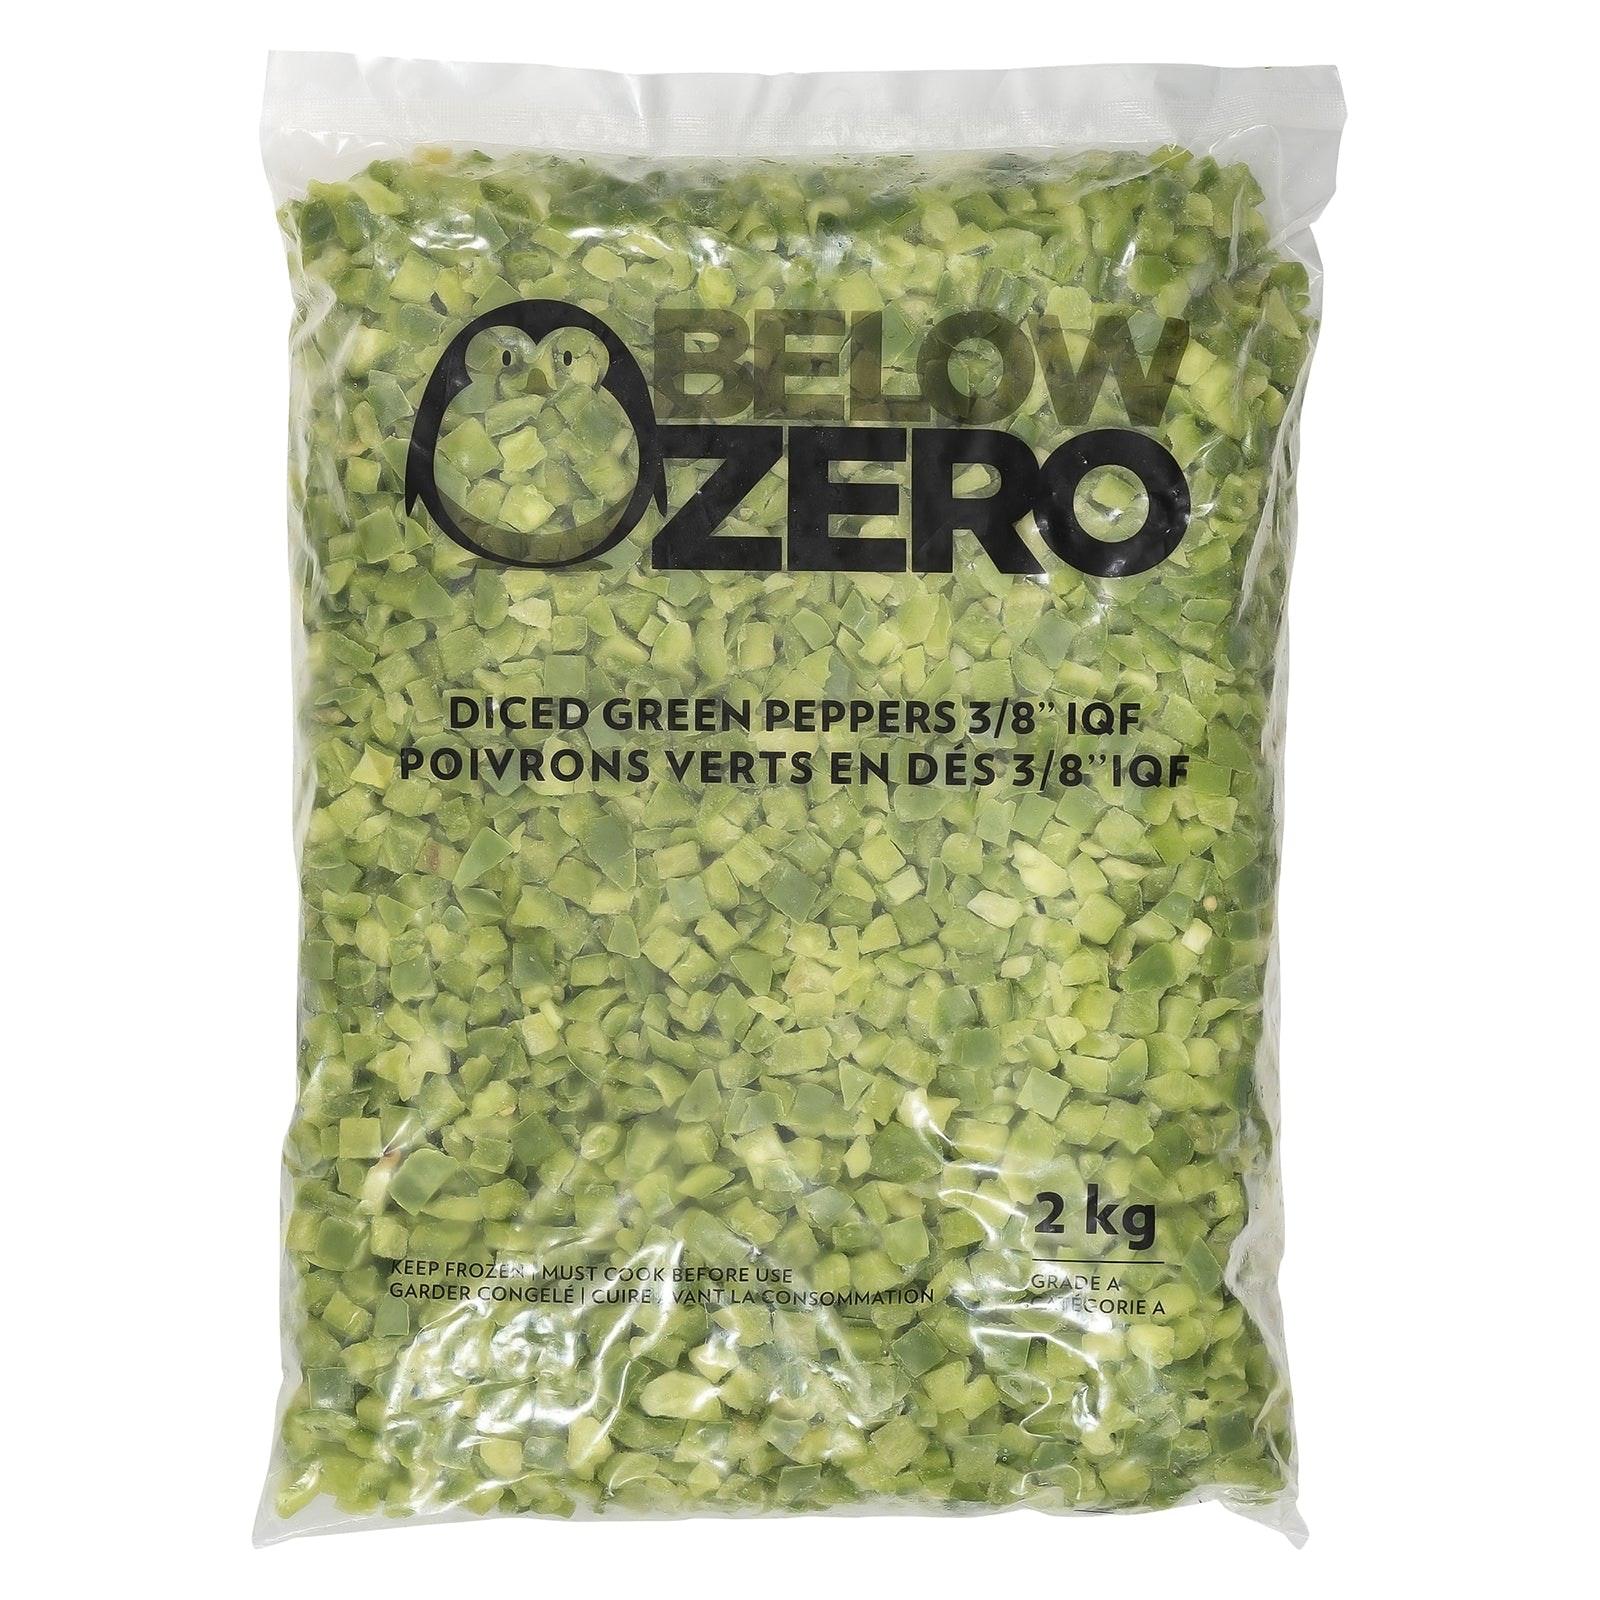 BELOW ZERO Diced green peppers